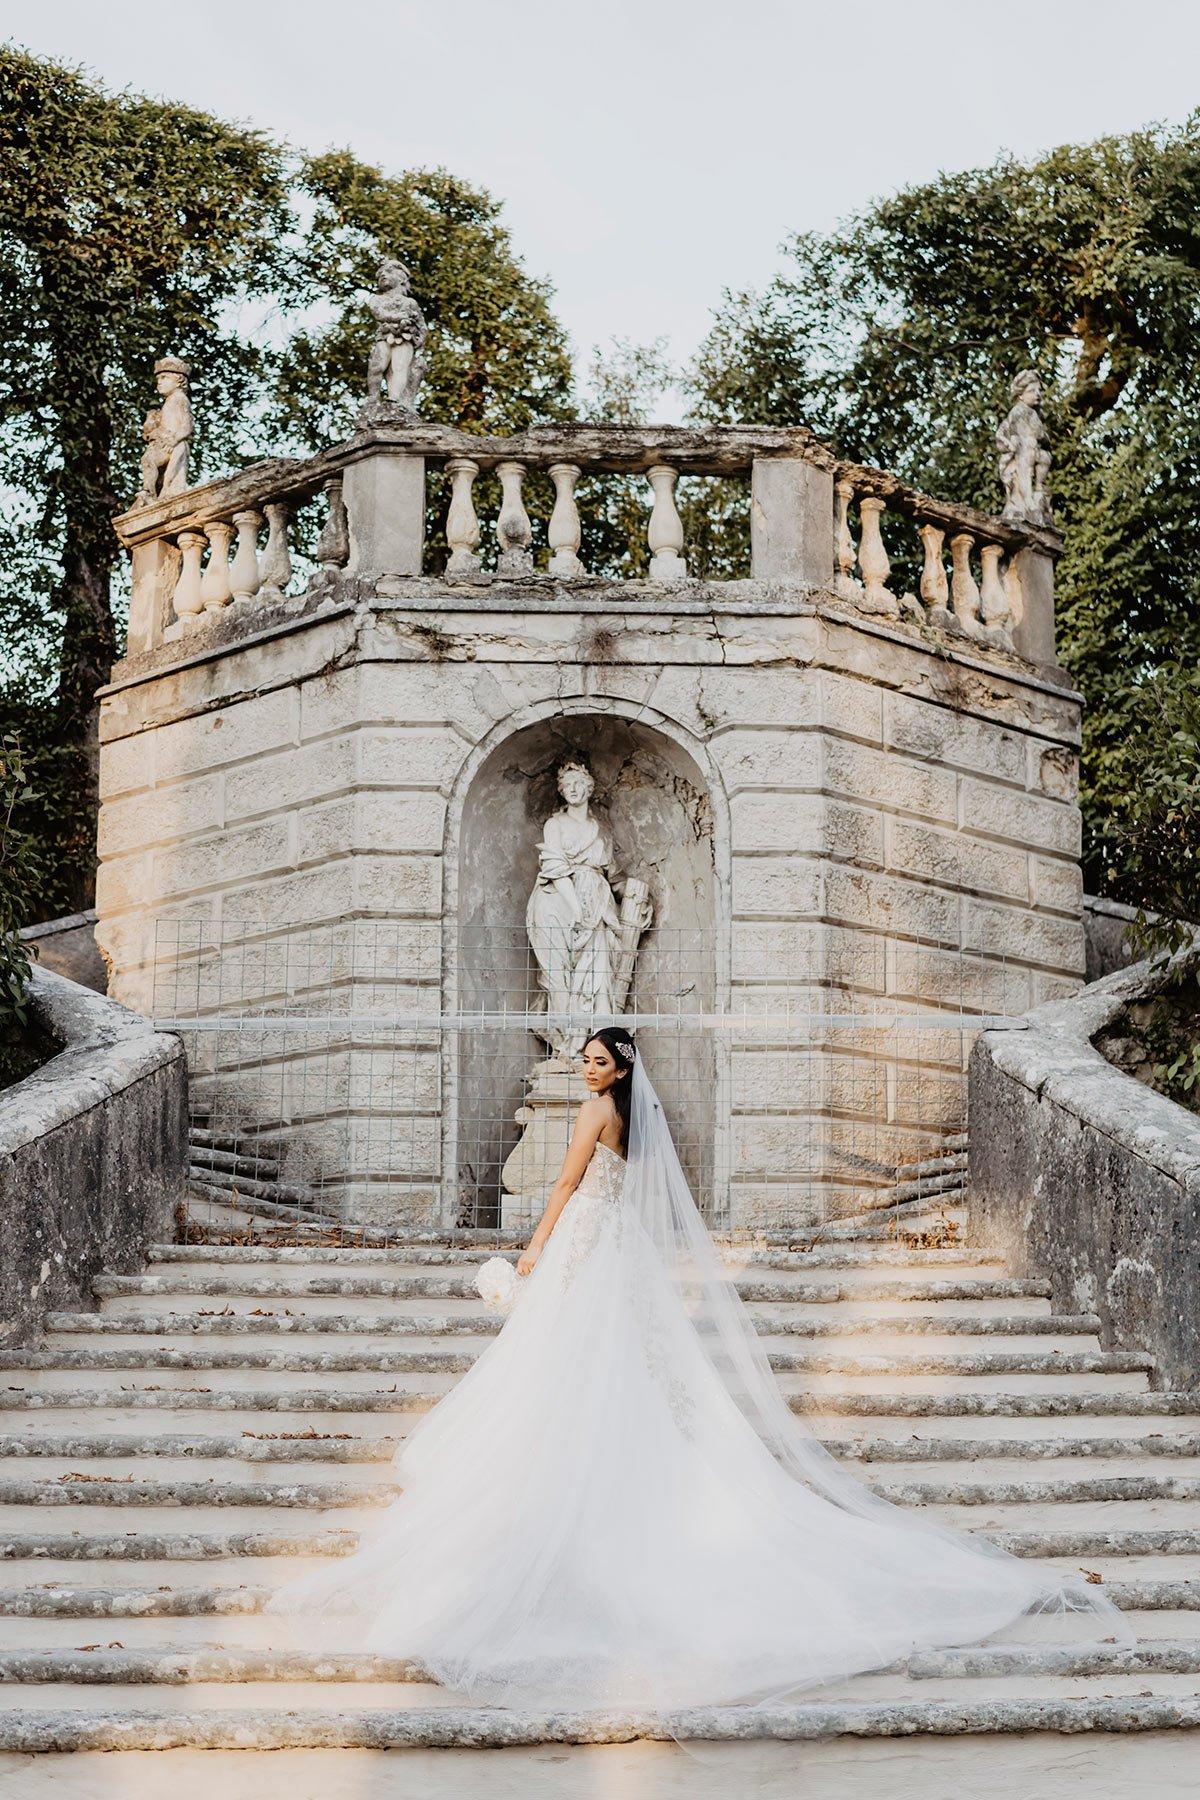 Ranya and Tarek, the bride